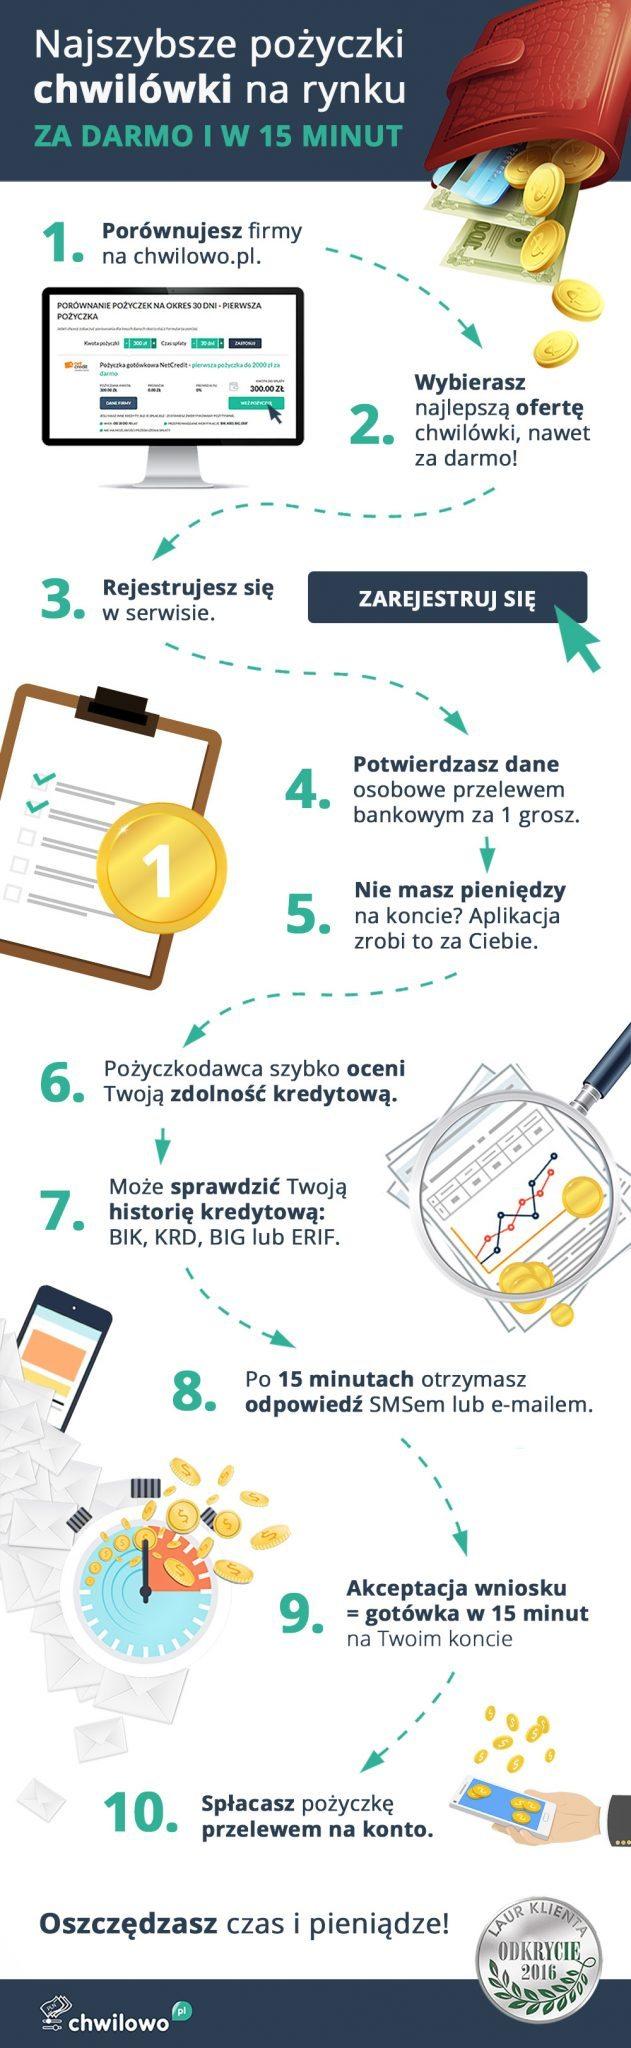 ingografika-chwilowki-chwilowo-pl